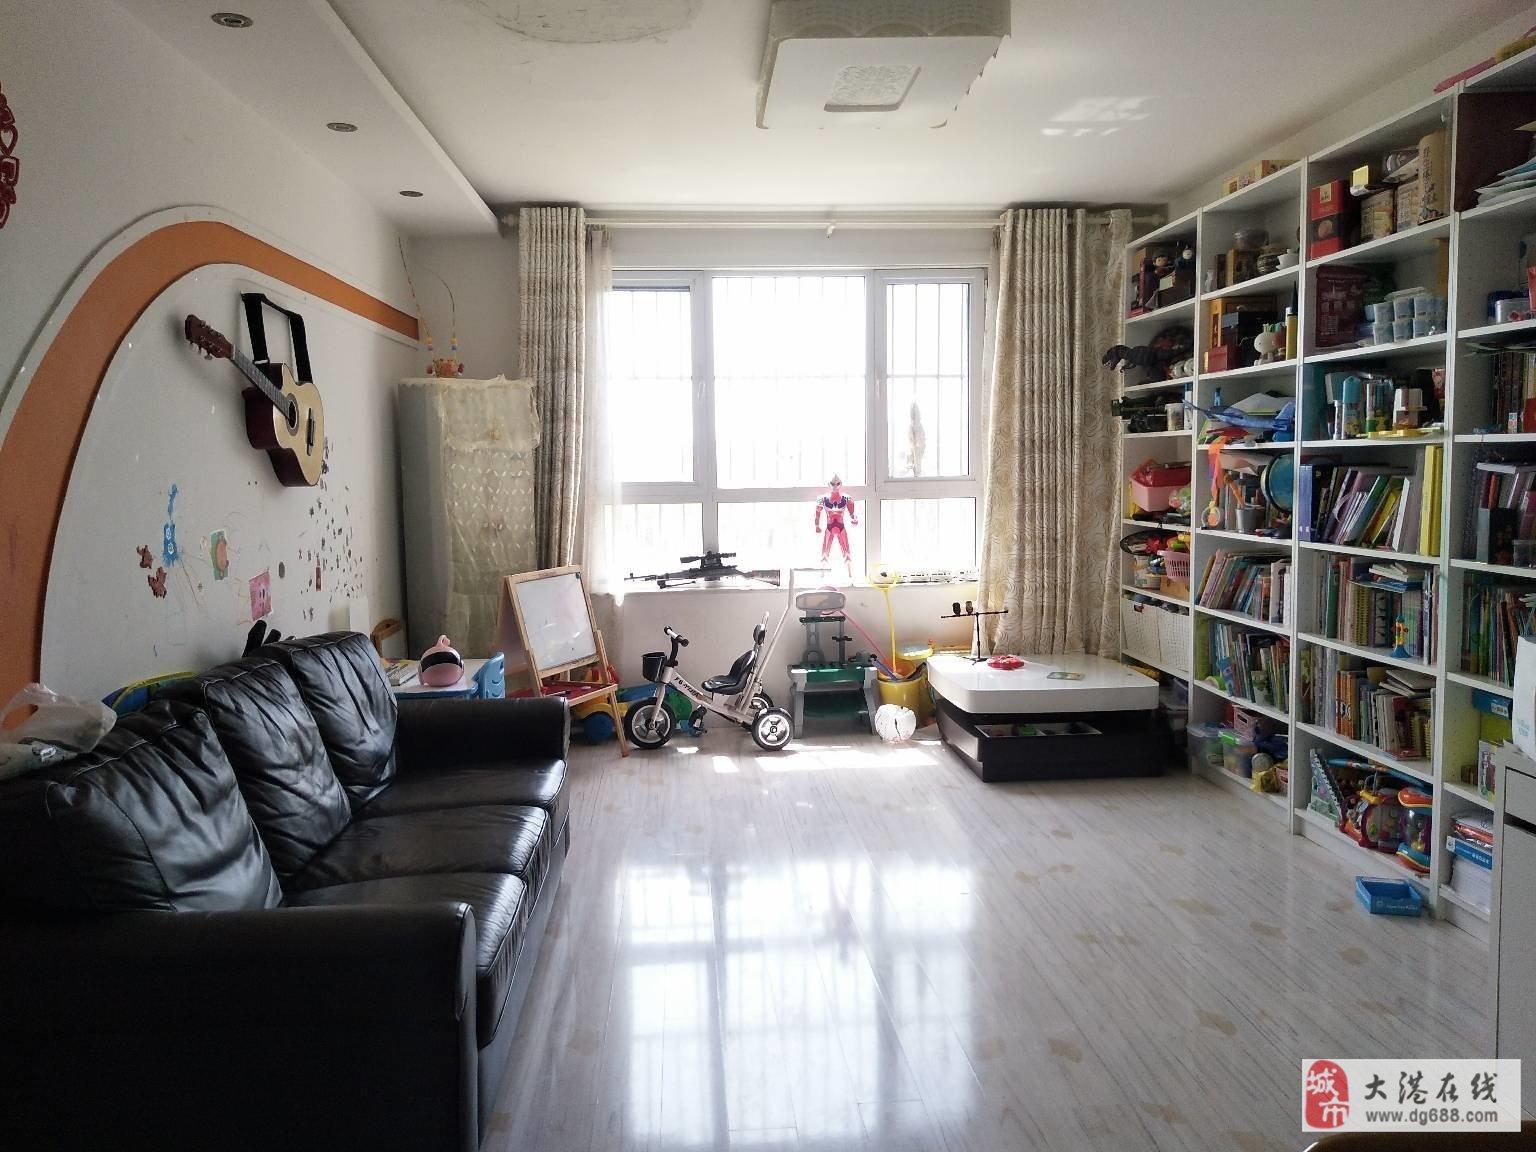 海天园3楼3室通厅106平125万,位置好,看房方便邻包入住